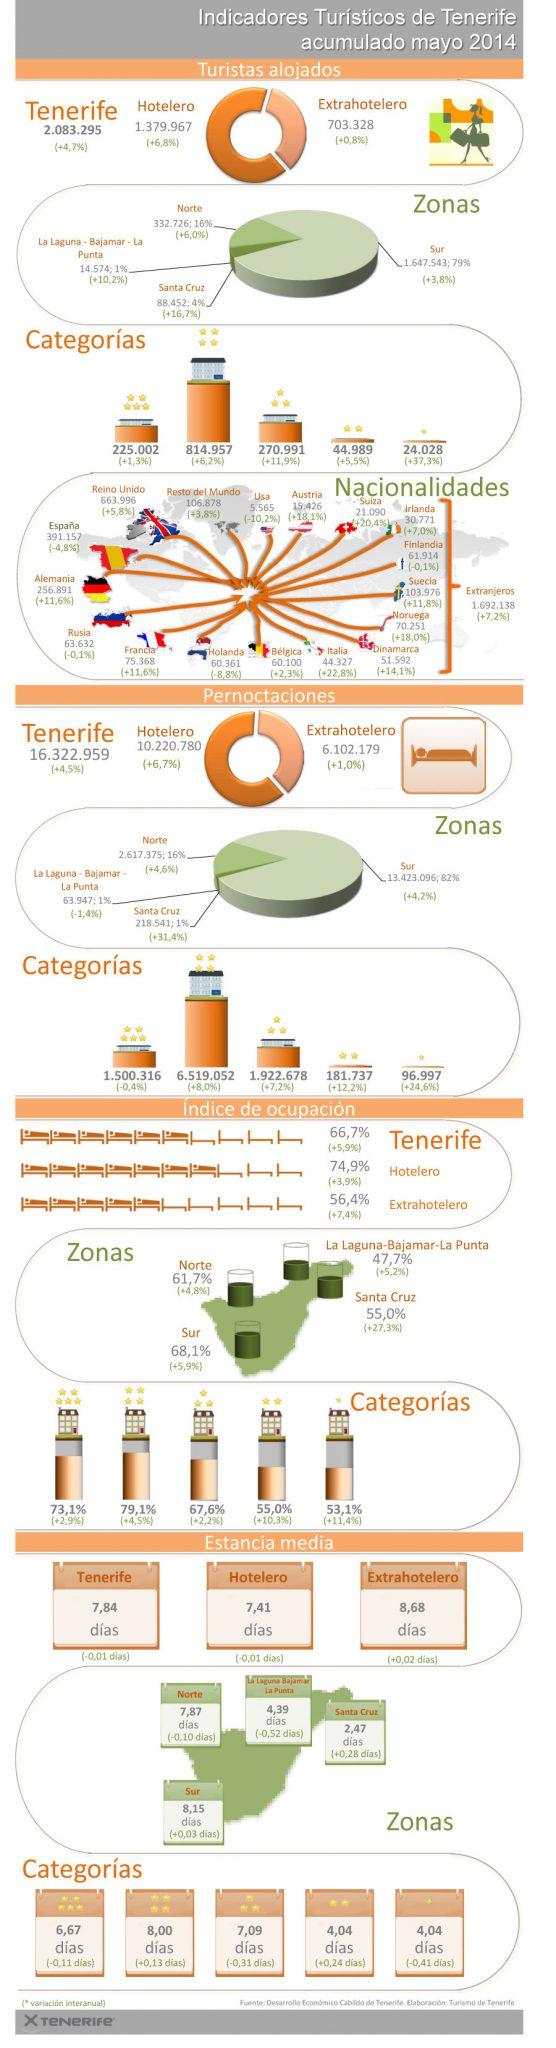 Indicadores-Turisticos-acumulado-mayo-2014